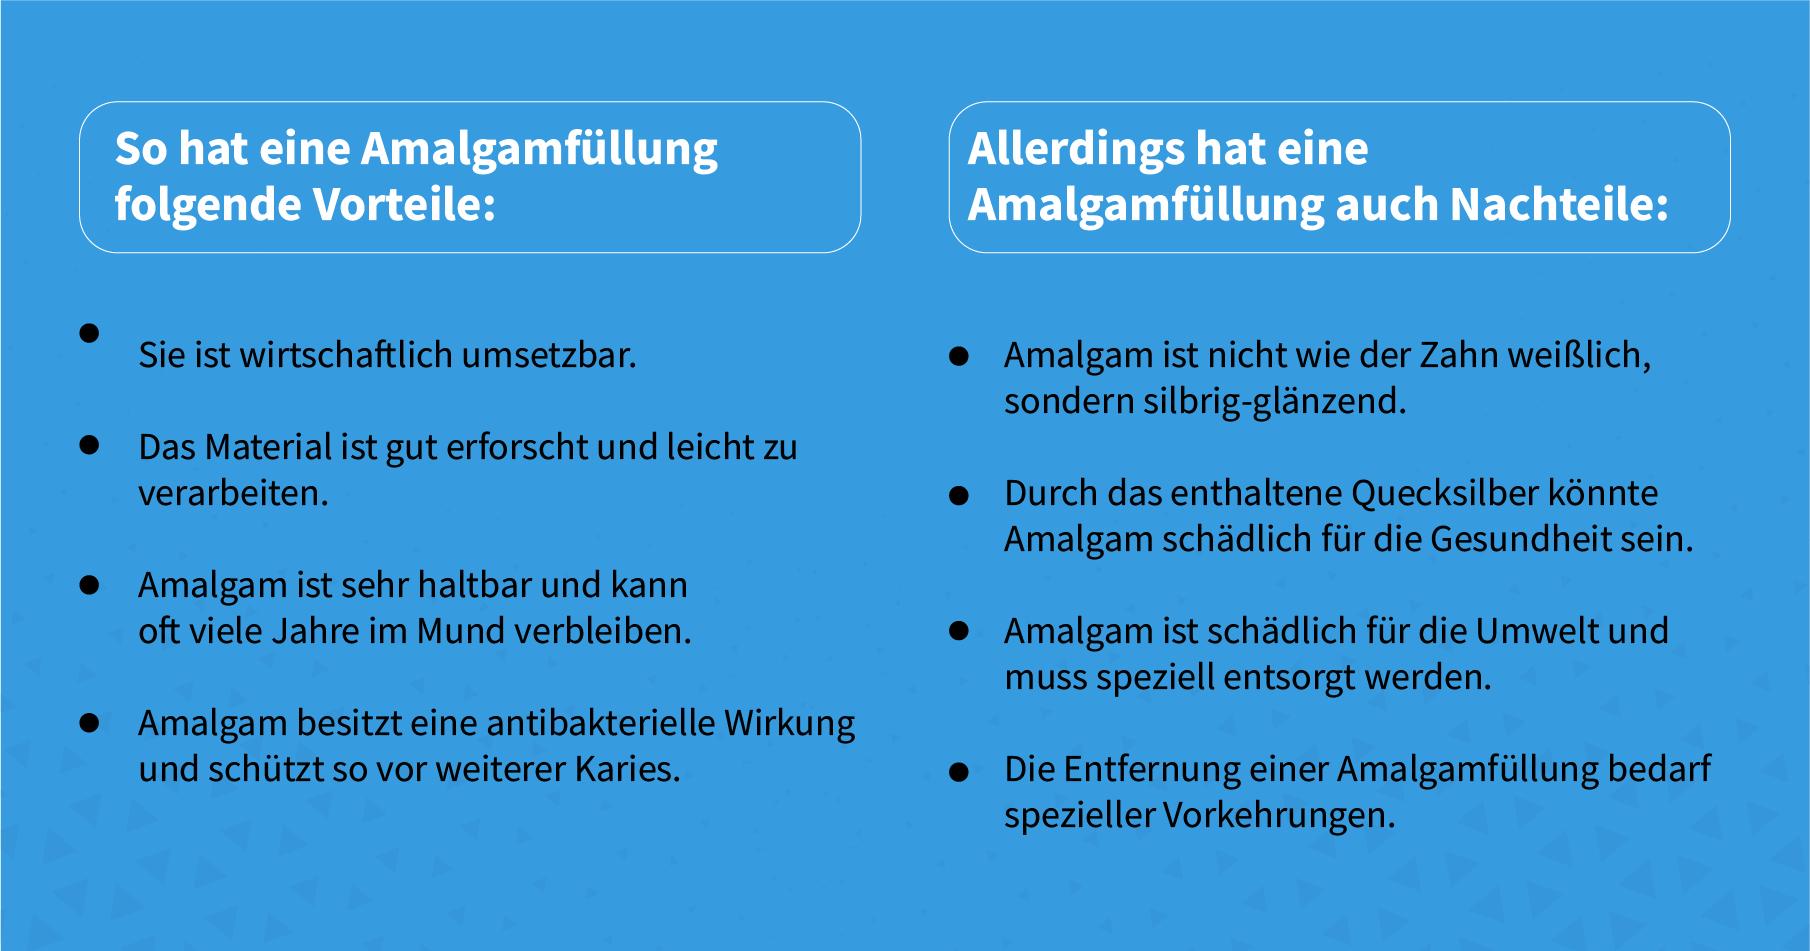 Vorteile und Nachteile von Amalgam